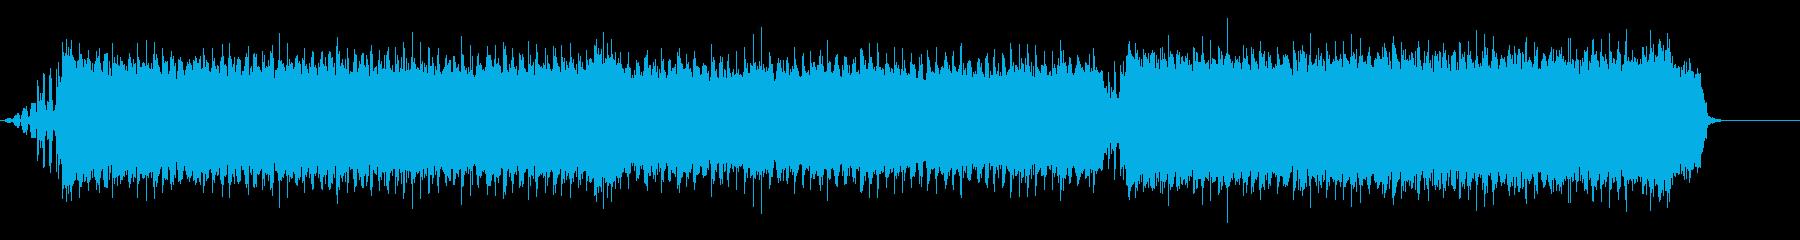 ギター/ストリングス/ファンファーレ01の再生済みの波形